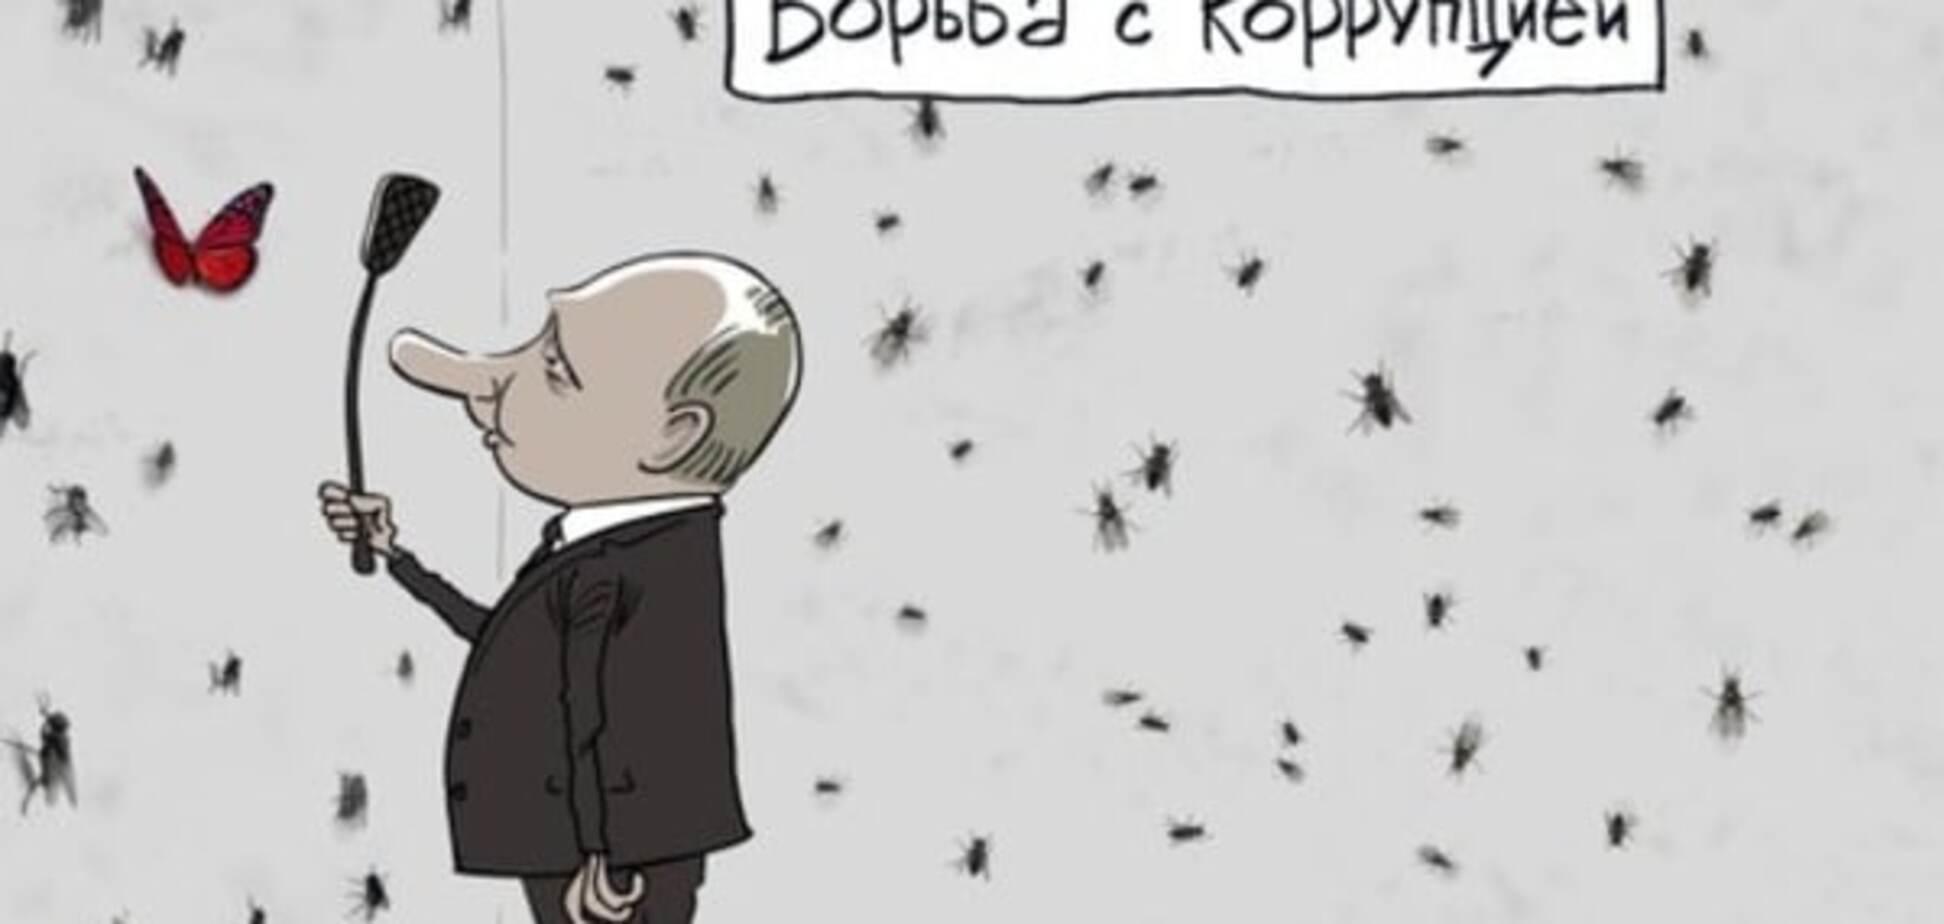 Охота на бабочек: борьбу Путина с коррупцией высмеяли в карикатуре. Фотофакт